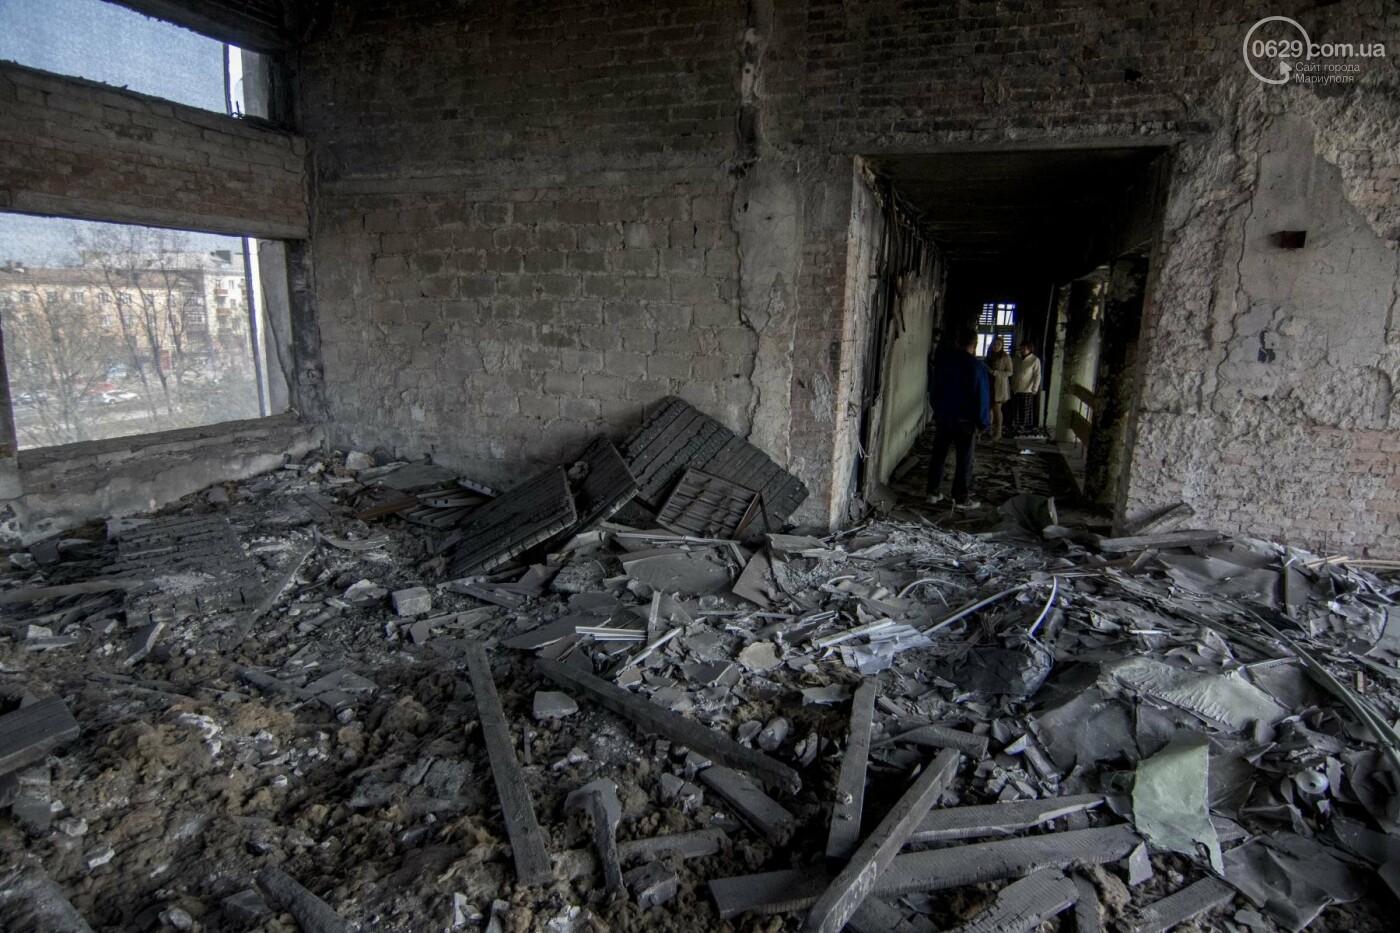 Что осталось от здания мариупольской мэрии, и когда его восстановят (ФОТОРЕПОРТАЖ с руин +ВИДЕО), фото-6